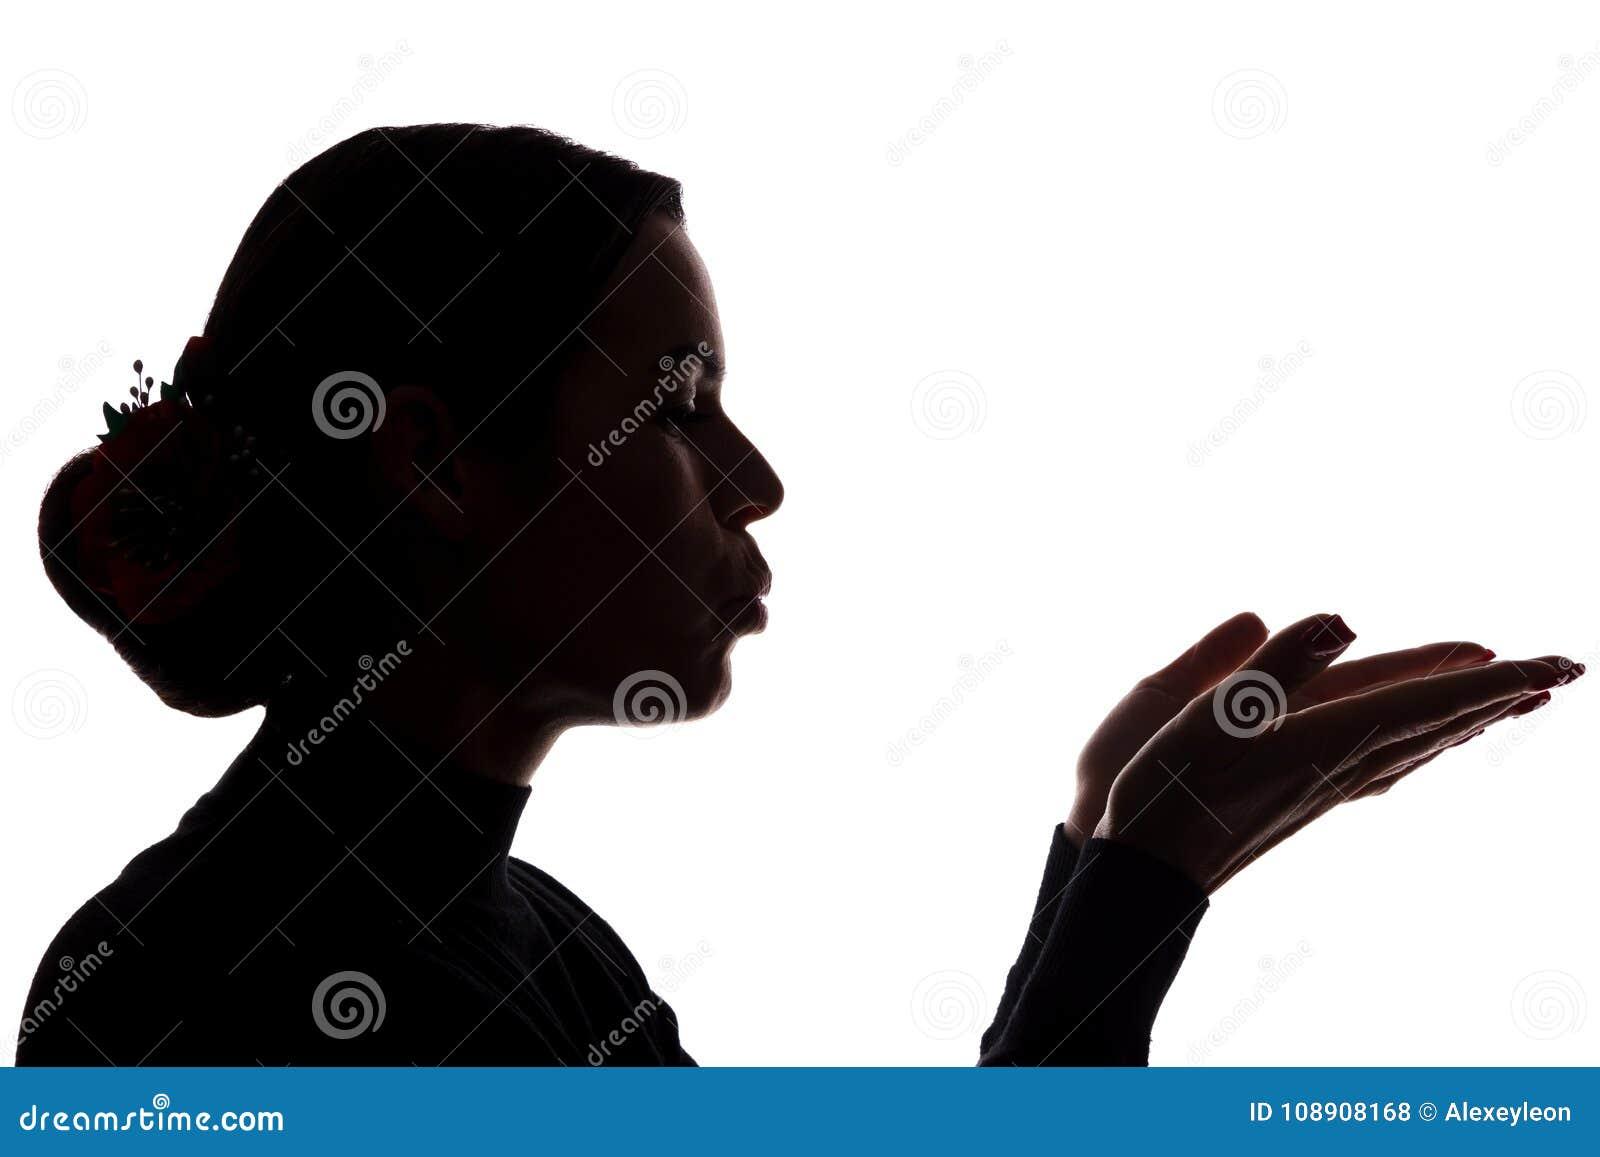 La mujer joven muestra sus manos delanteras, enviando un beso